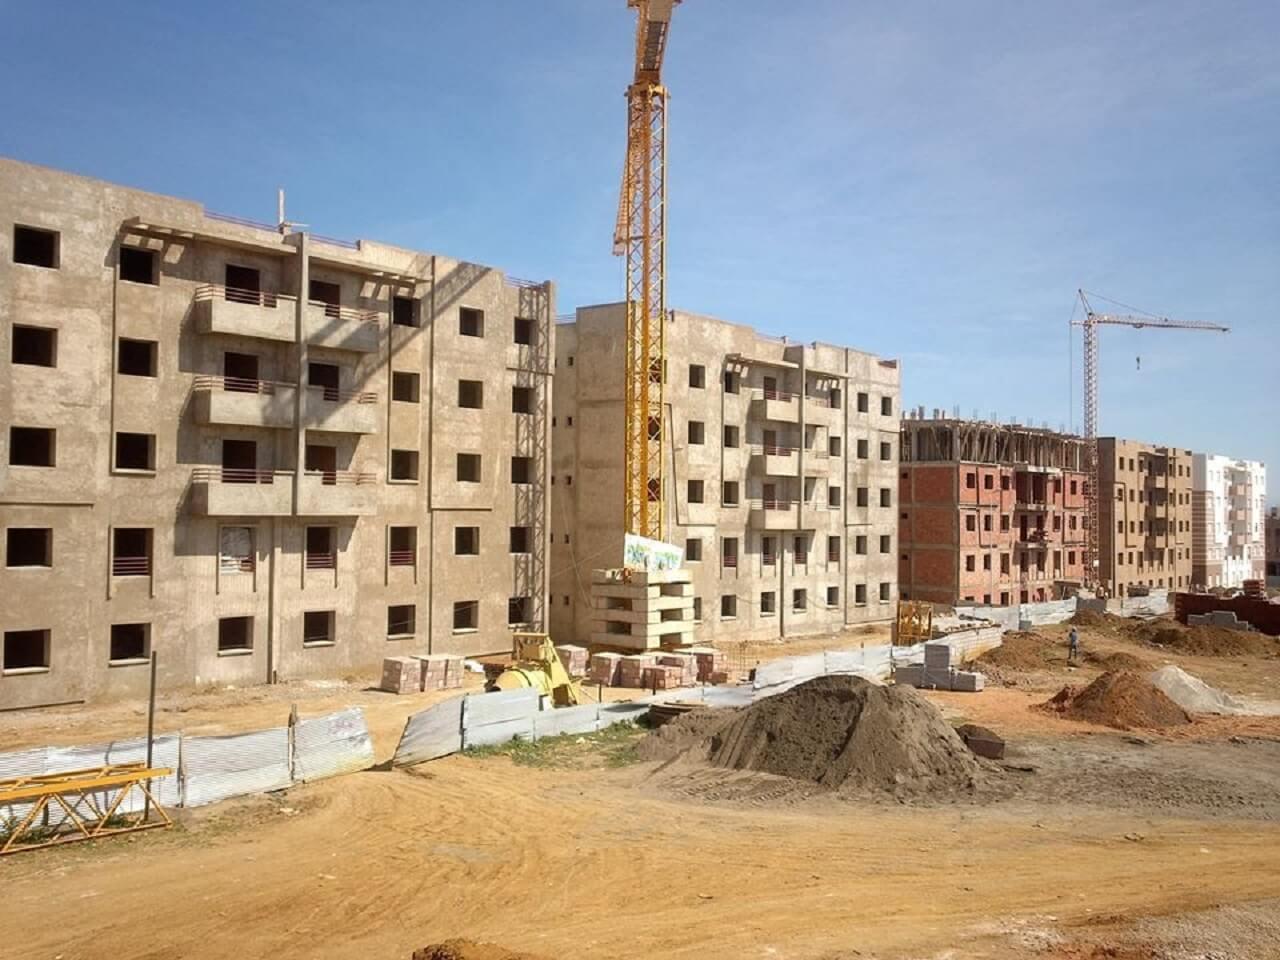 الإسكان تبدأ طرح كراسات شروط حجز 820 وحدة سكنية بمطار إمبابة بمساحات تتراوح بين 83 و 100 متر مربع